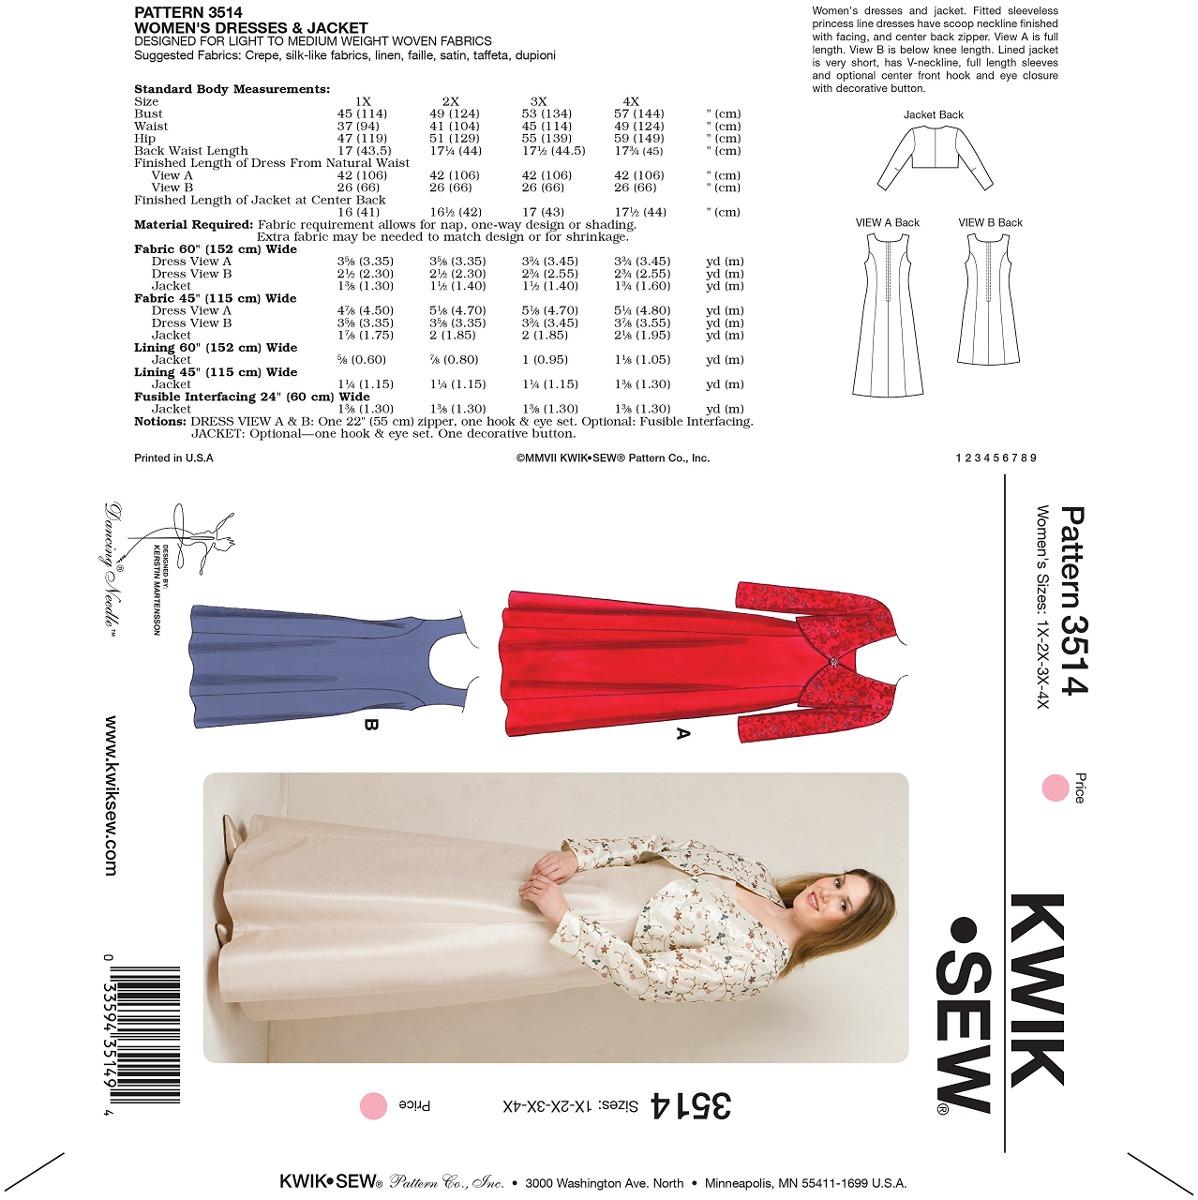 Kwik Sew K3514 Vestidos Y Chaqueta Patrón De Costura Tama ...